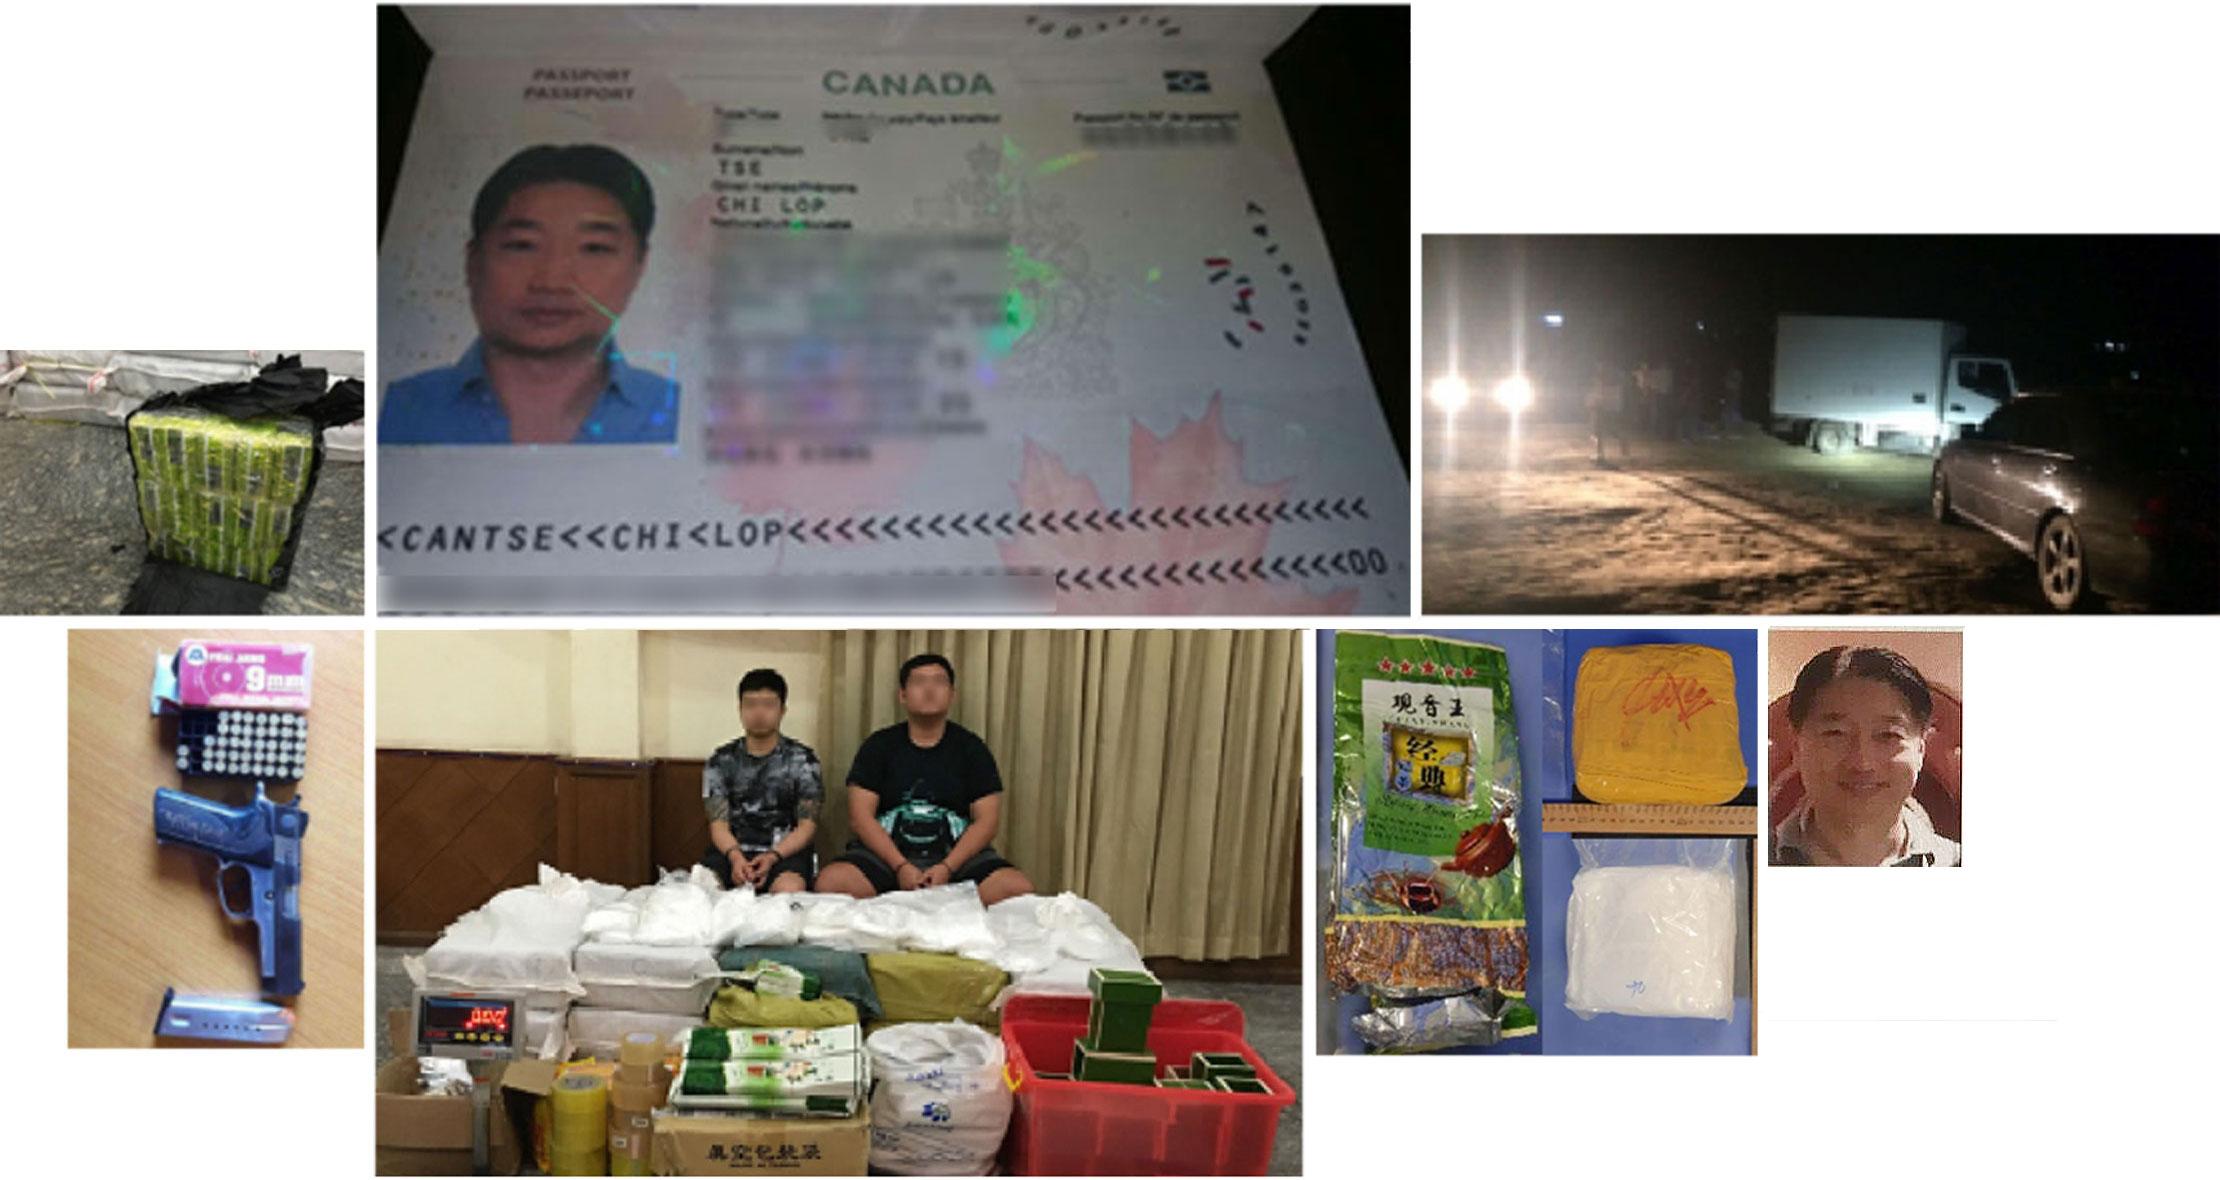 دستگیری سه چه لاپ سرکرده بزرگ ترین شبکه قاچاق مواد مخدر در آسیا که به «ال چاپو آسیا» یا «ال چاپو شرق» مشهور است در فرودگاه اسخیپول